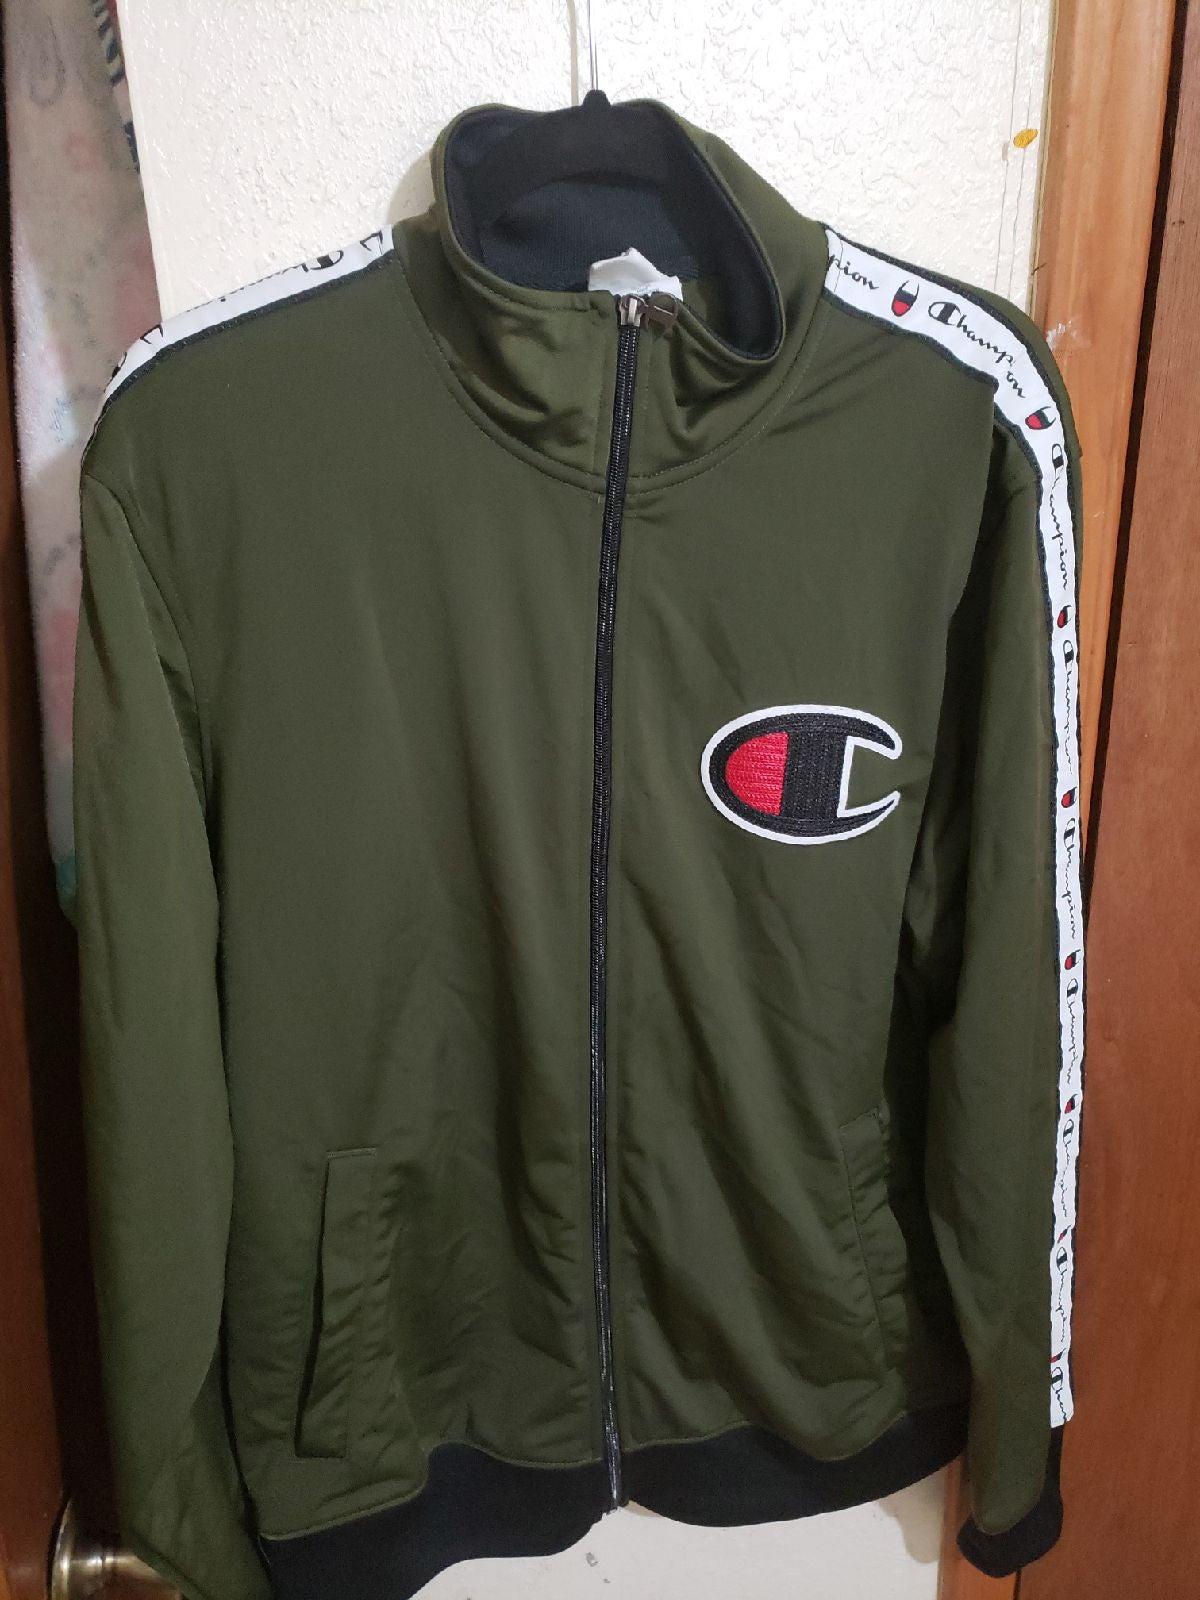 Champion Jacket size large